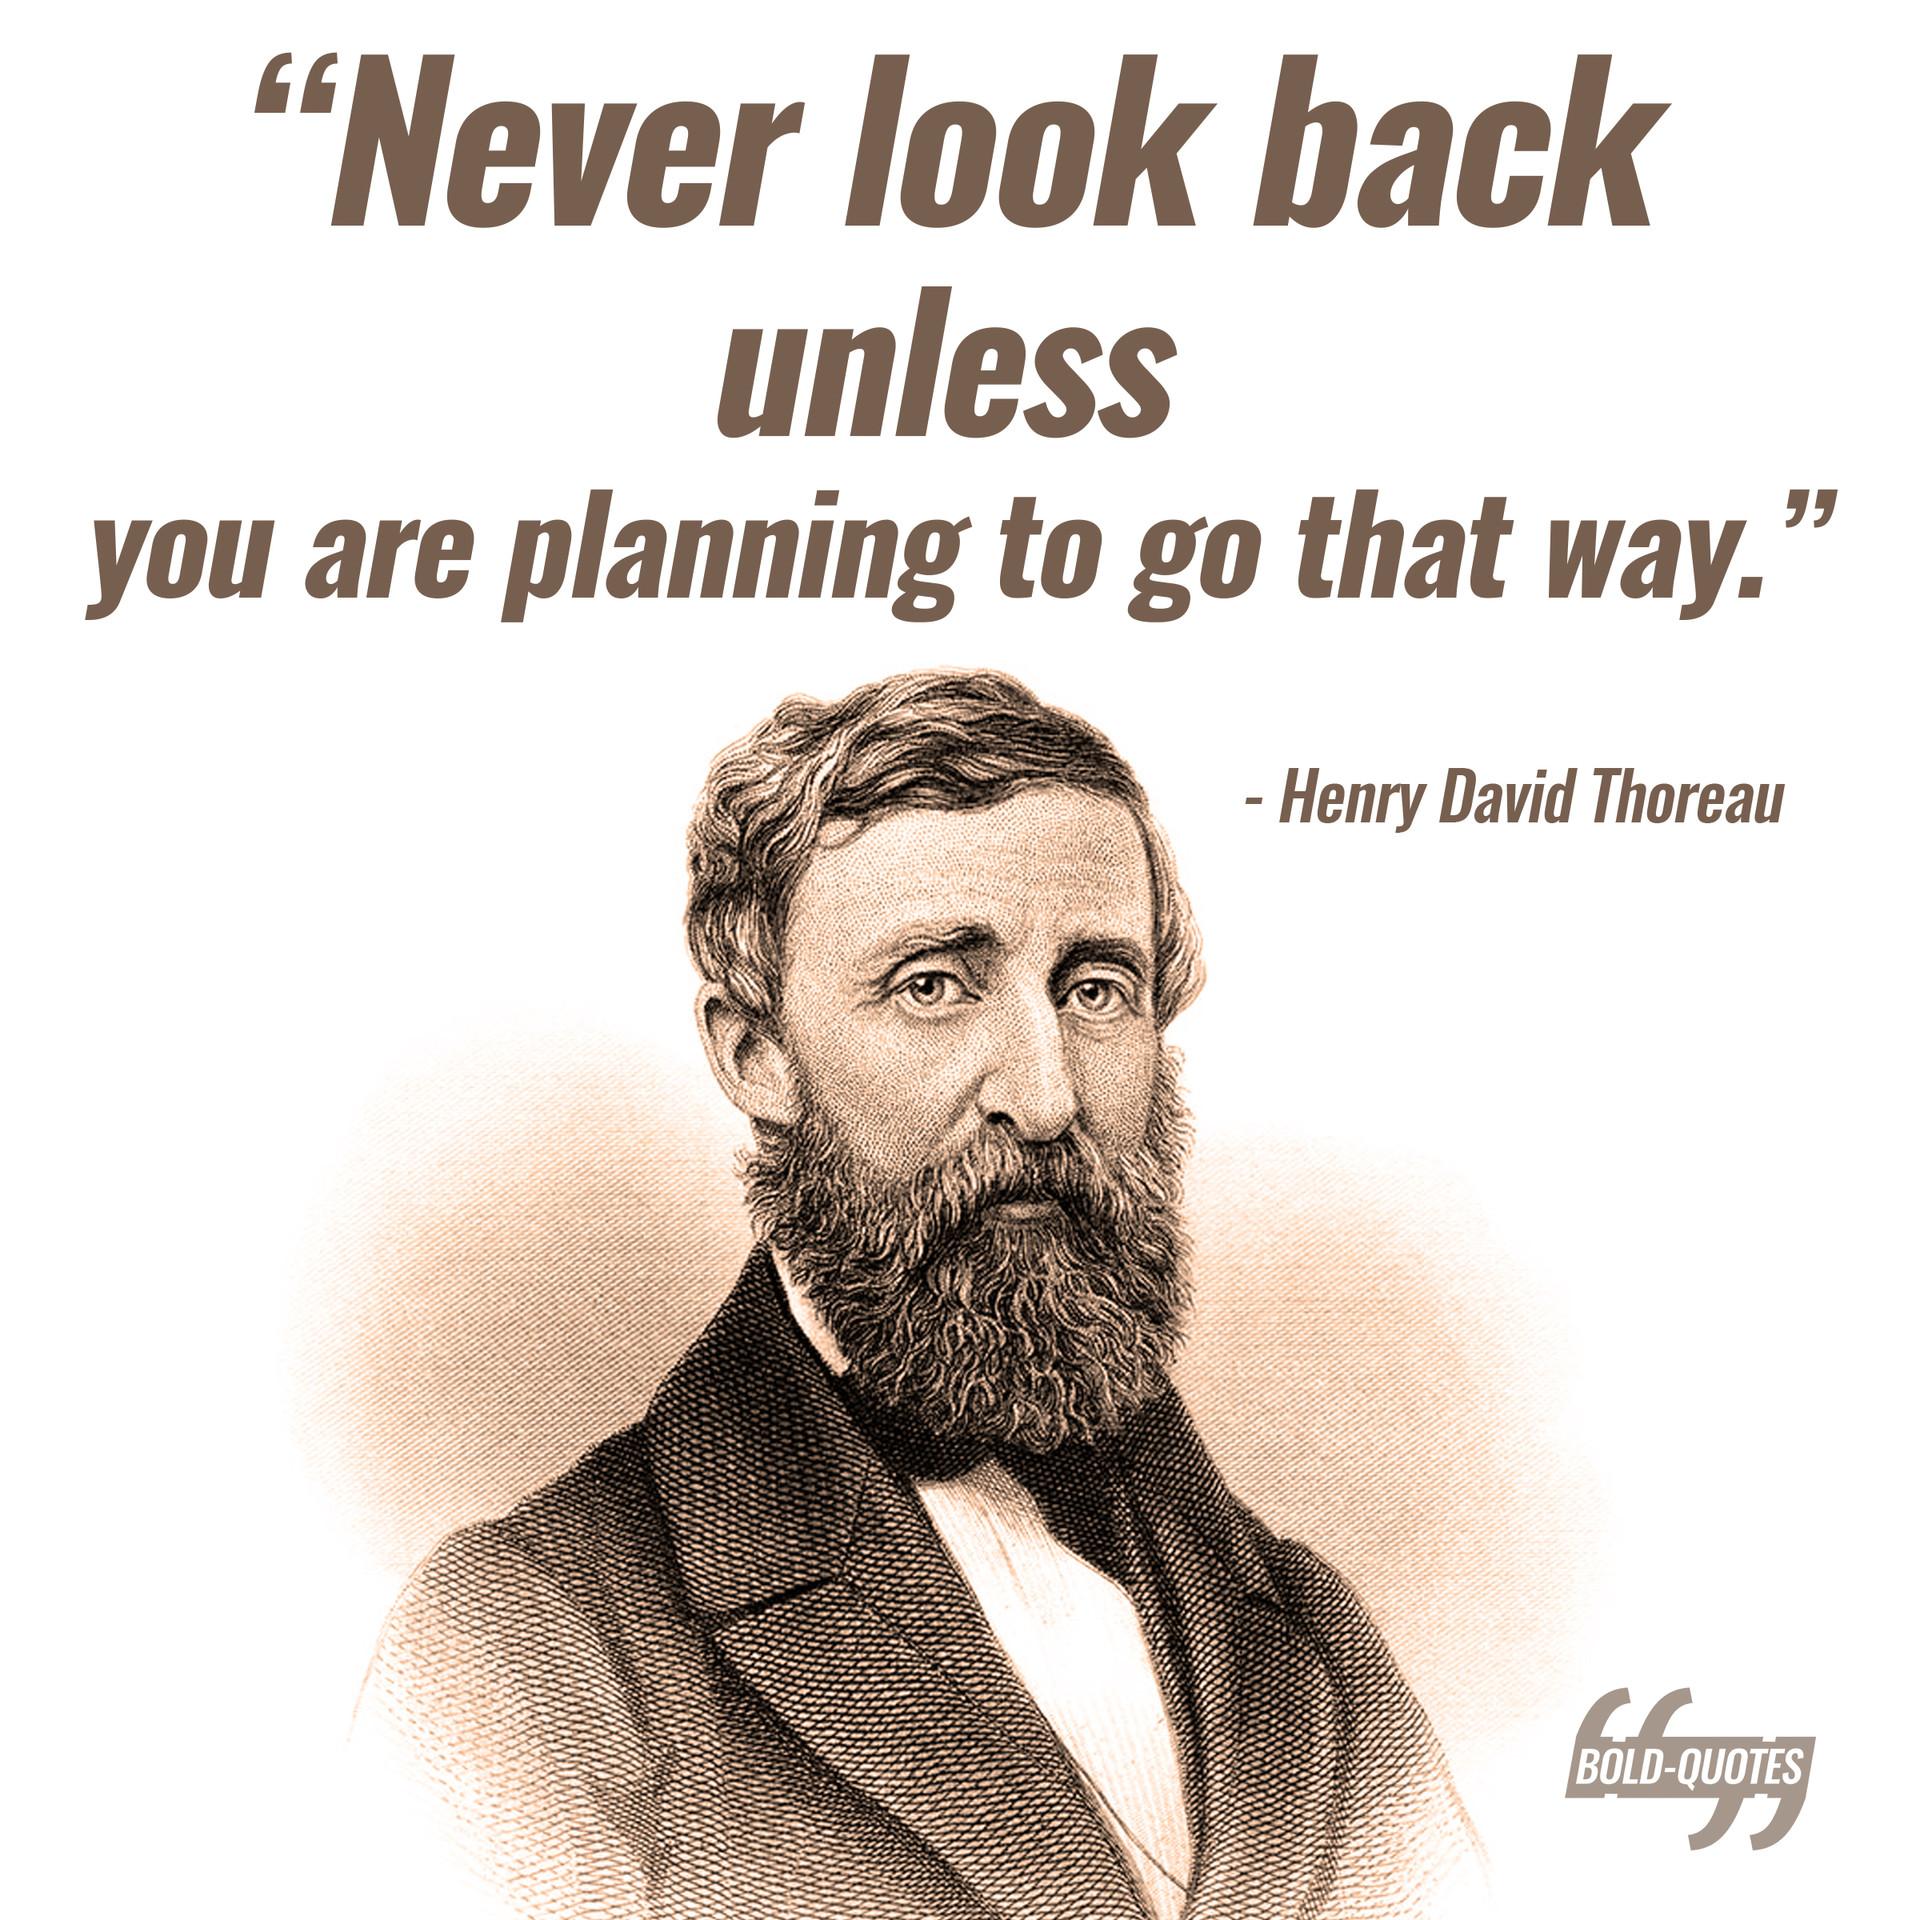 Bold Quotes - Henry David Thoreau.jpg